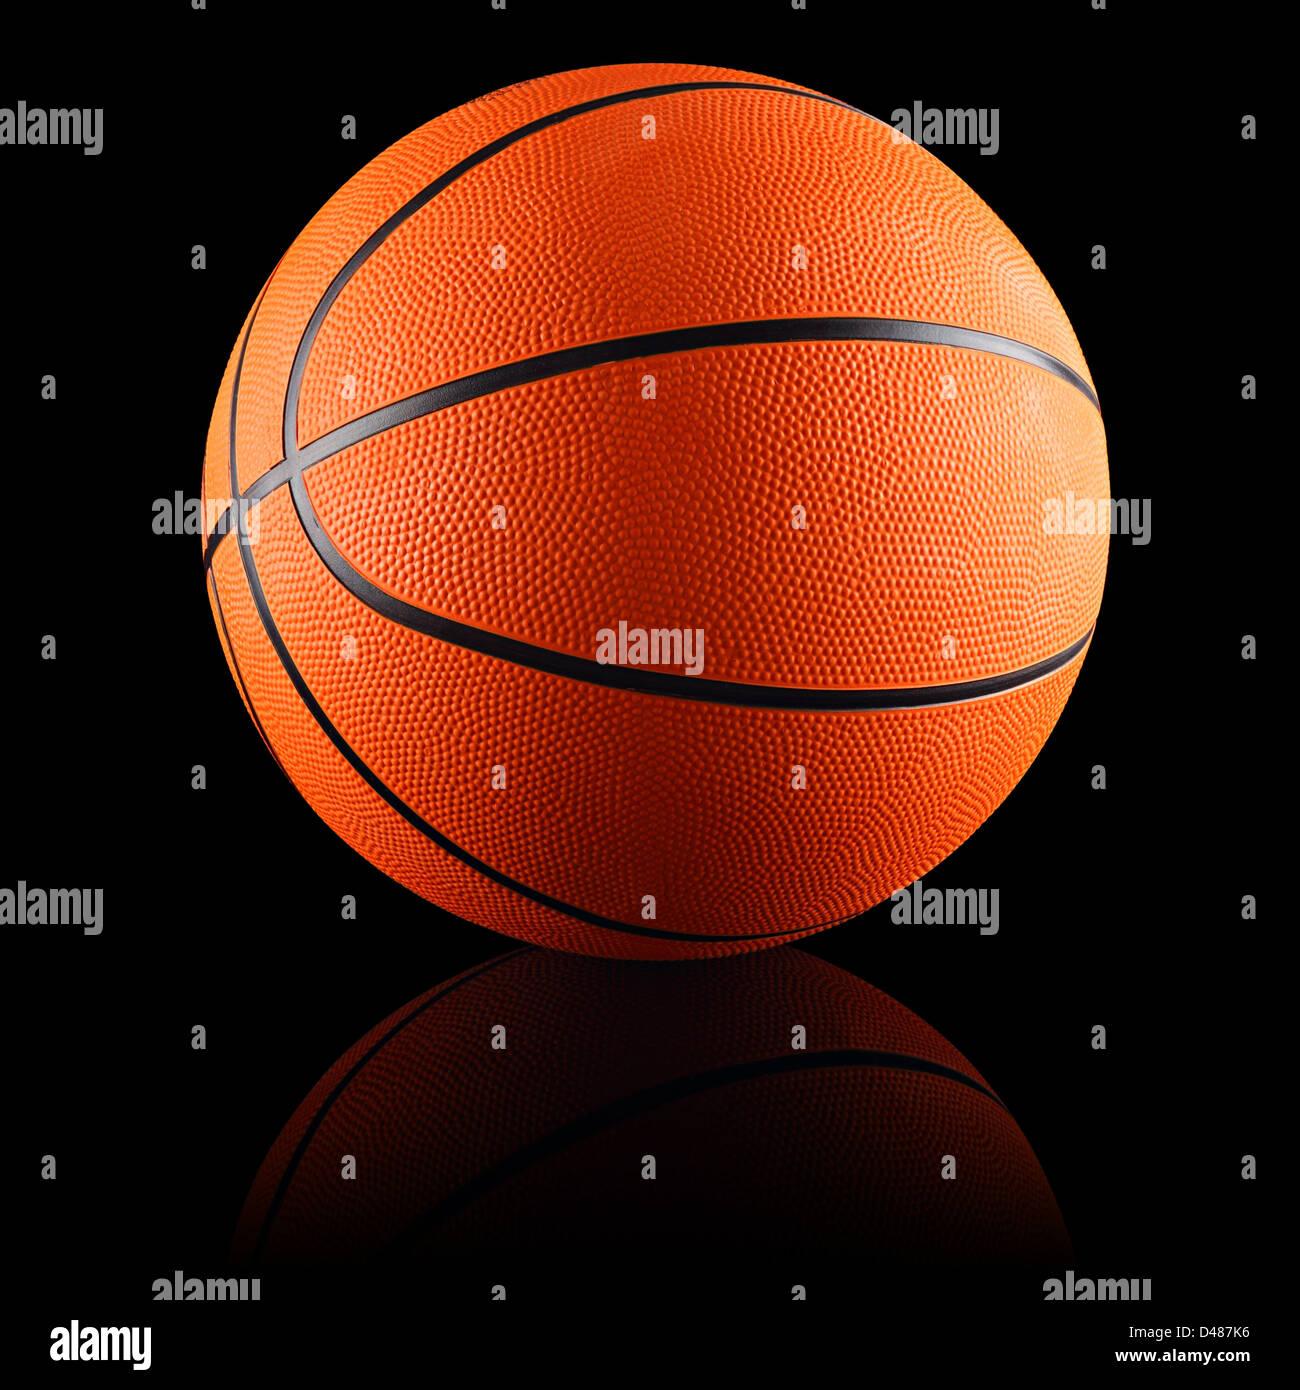 Un basket di colore arancione nella parte anteriore del fondo nero Immagini Stock